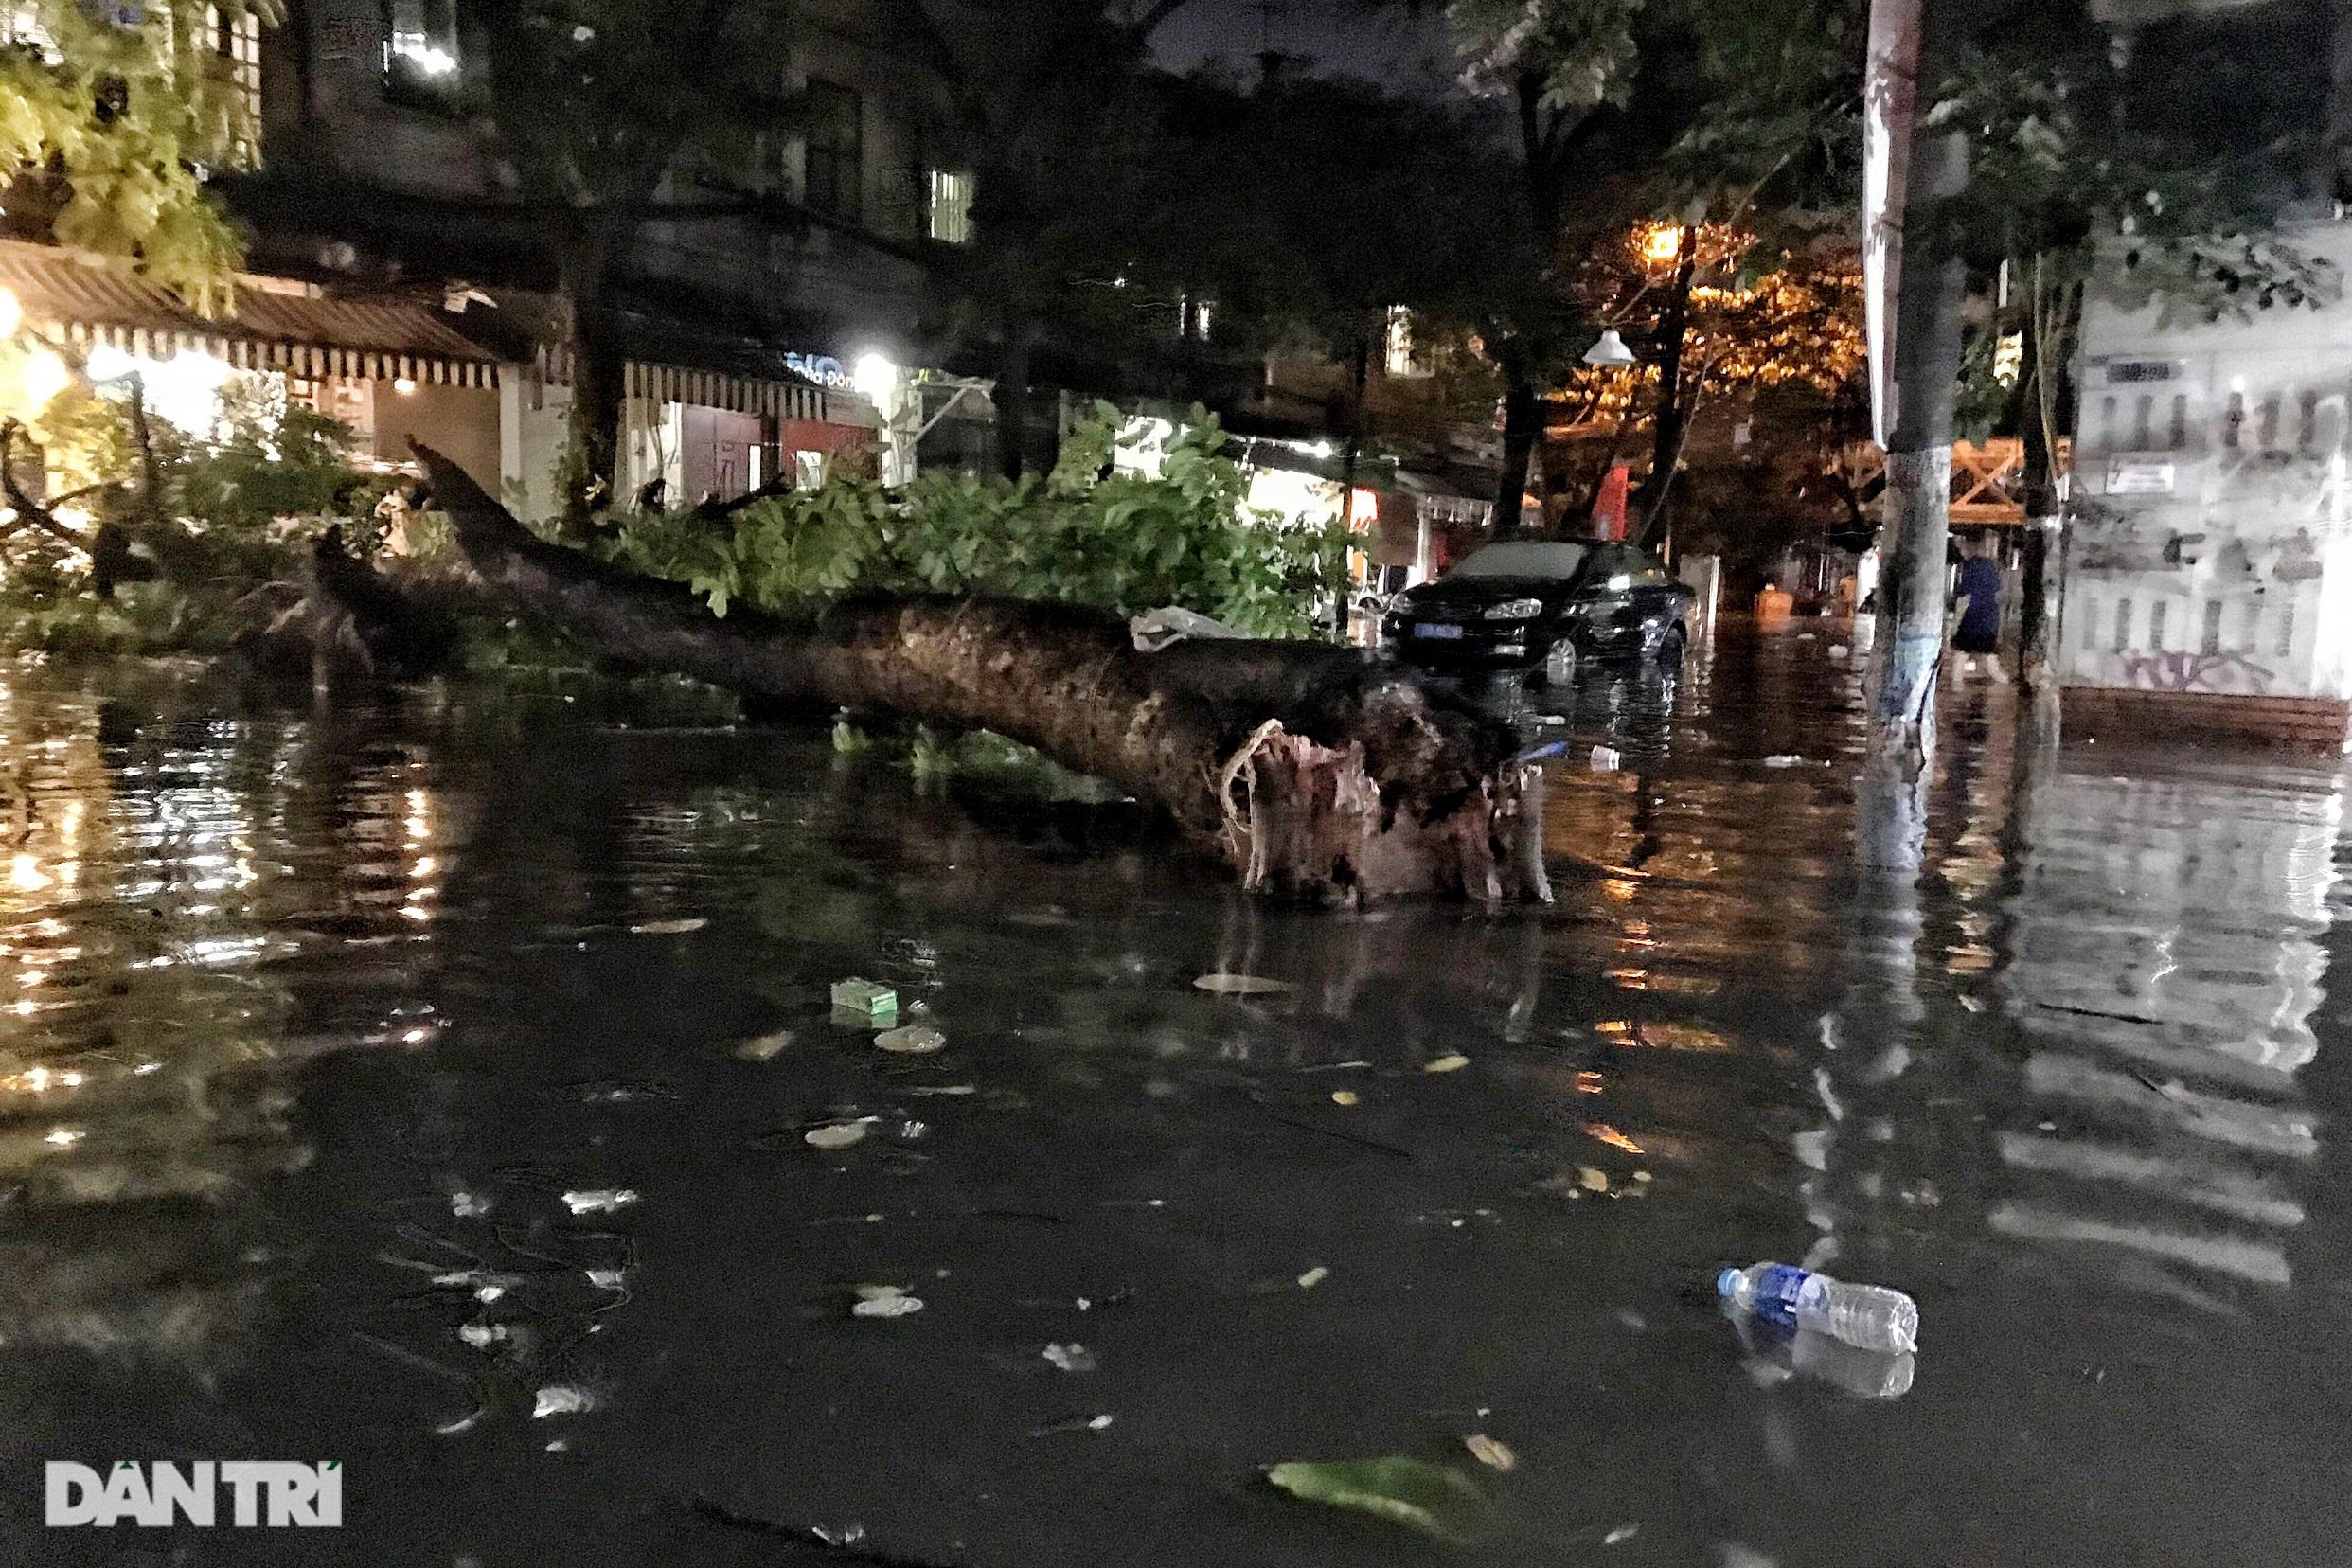 Hà Nội ngập sâu trong nước sau cơn mưa ngắn chưa đầy 1 tiếng đồng hồ - 15